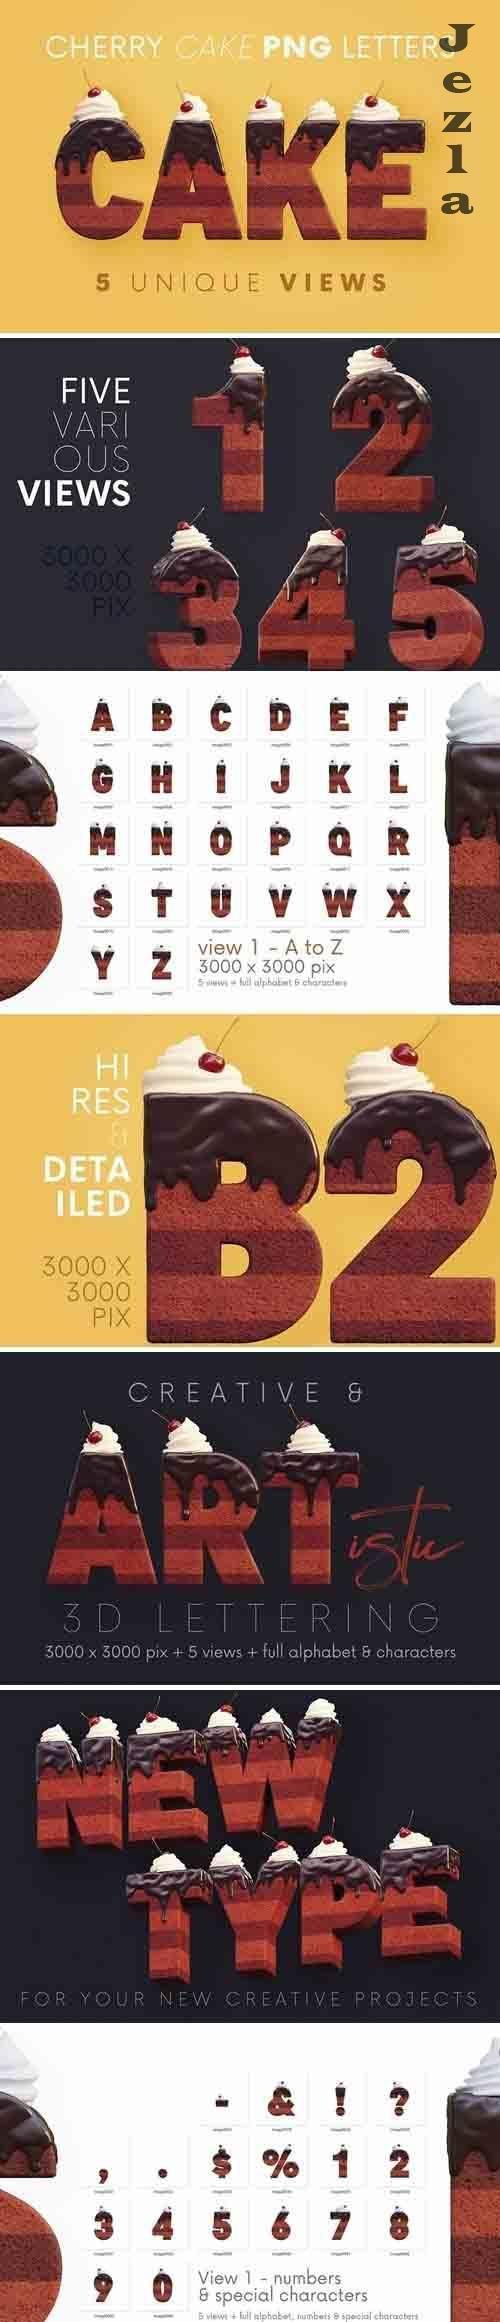 Cherry Cake - 3D Lettering - 5870050